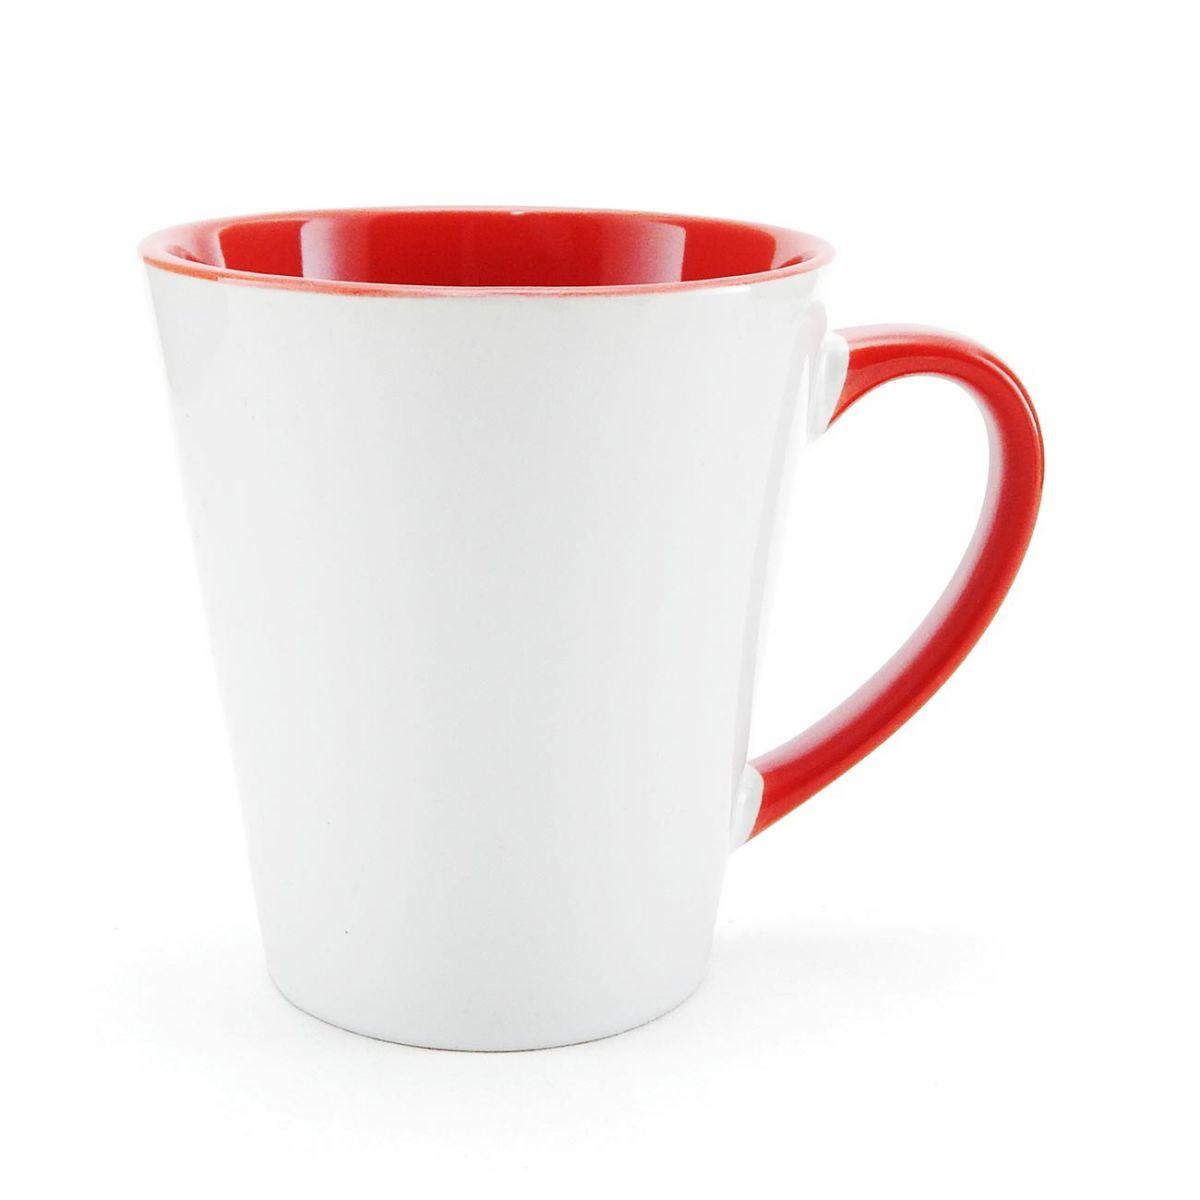 Caneca Cônica Vermelha de Porcelana p/ Sublimação   - Minas Midias